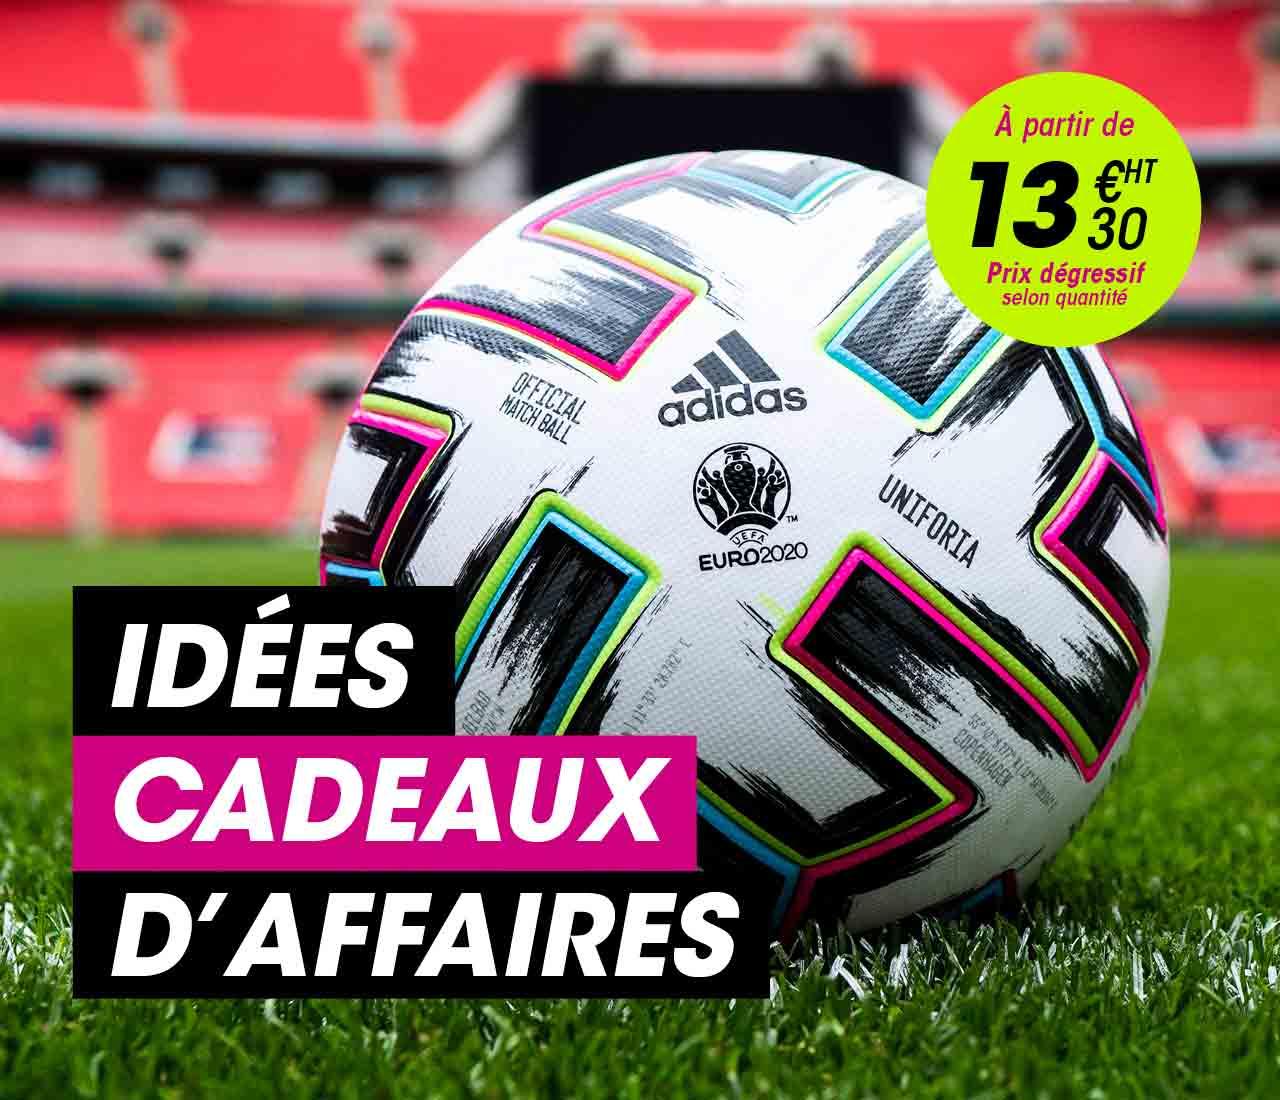 Offrez des ballons adidas de l'Euro 2020 dès 13,30€ HT